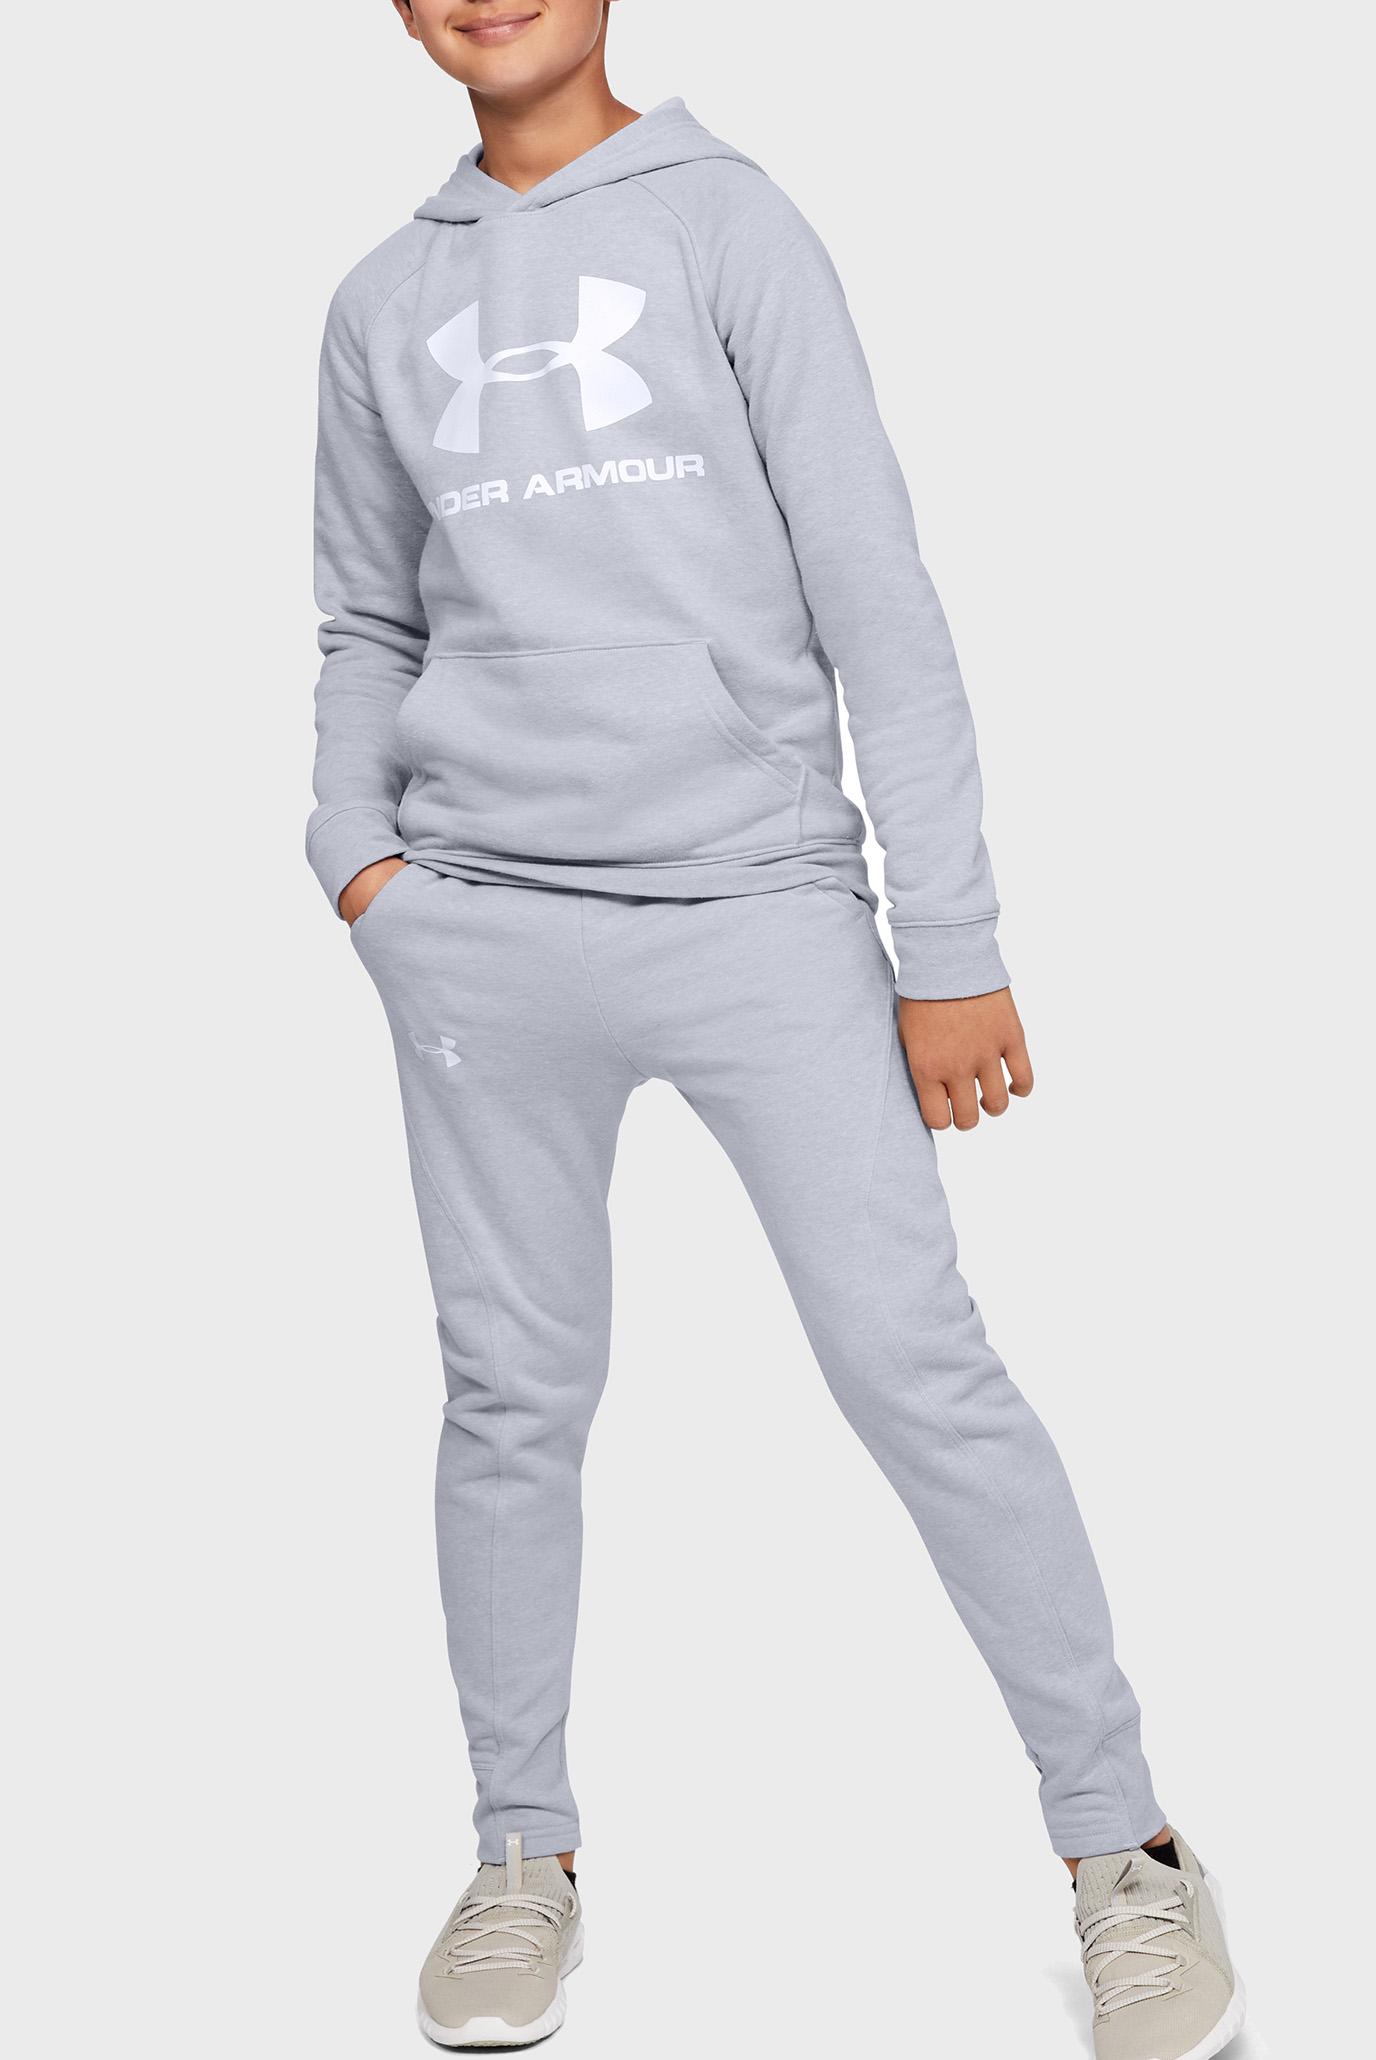 Купить Детское серое худи Rival Logo Hoodie Under Armour Under Armour 1325328-012 – Киев, Украина. Цены в интернет магазине MD Fashion